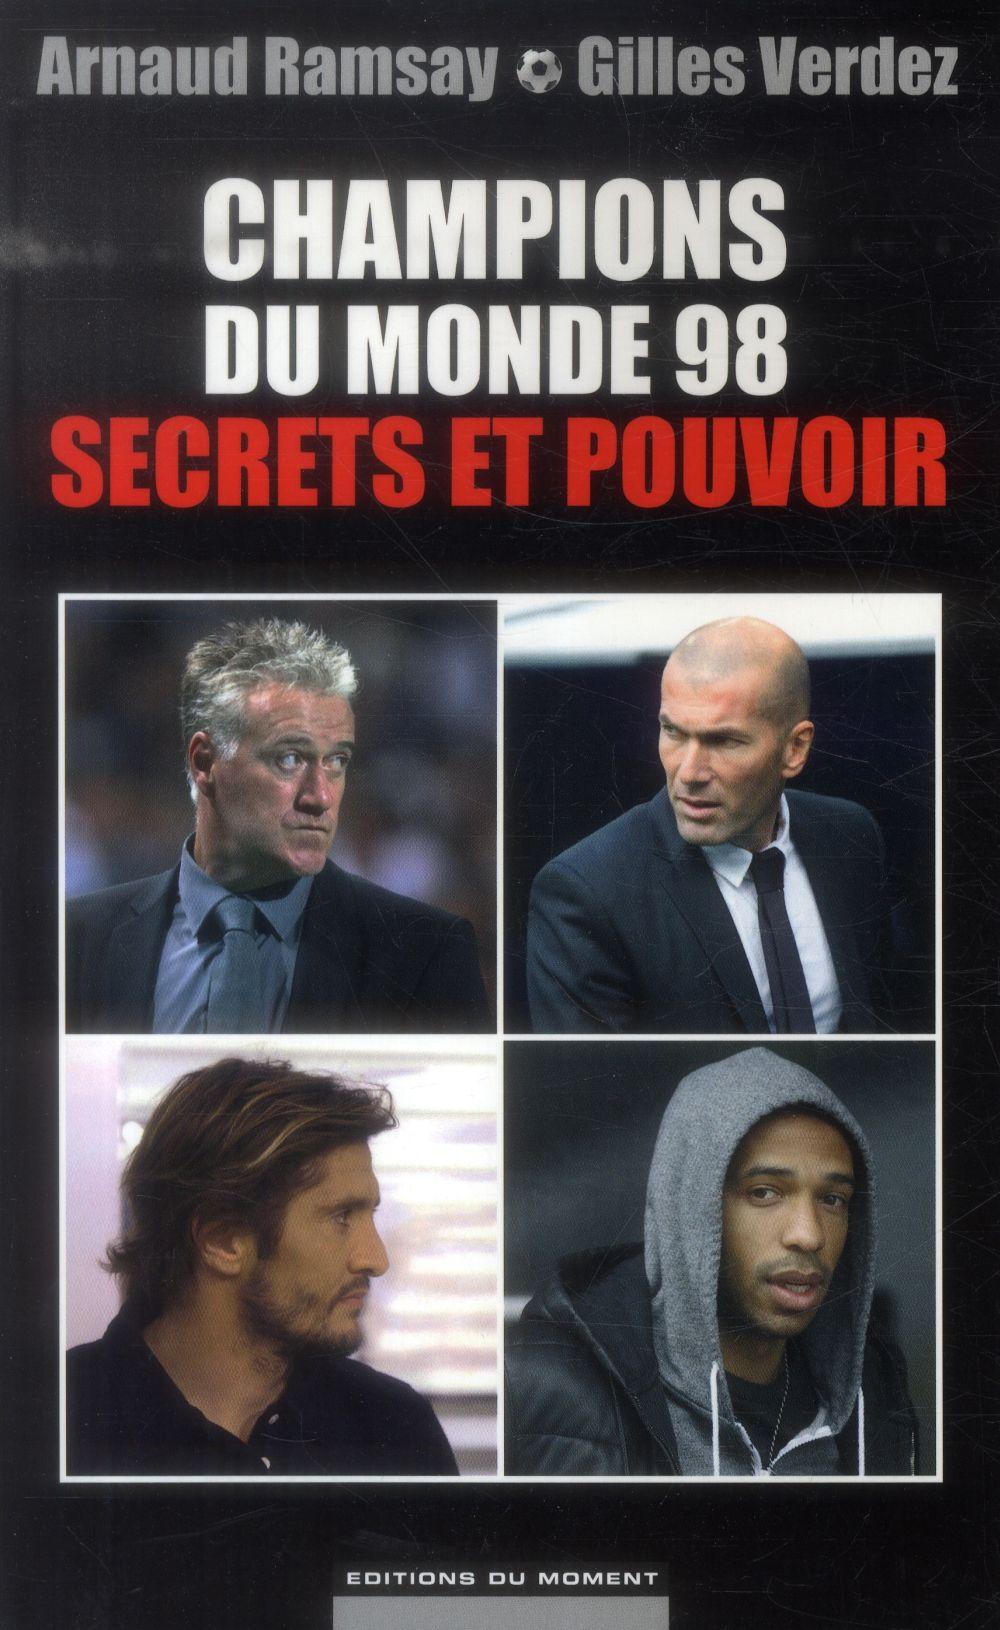 Champions du monde 98 , secrets et pouvoir